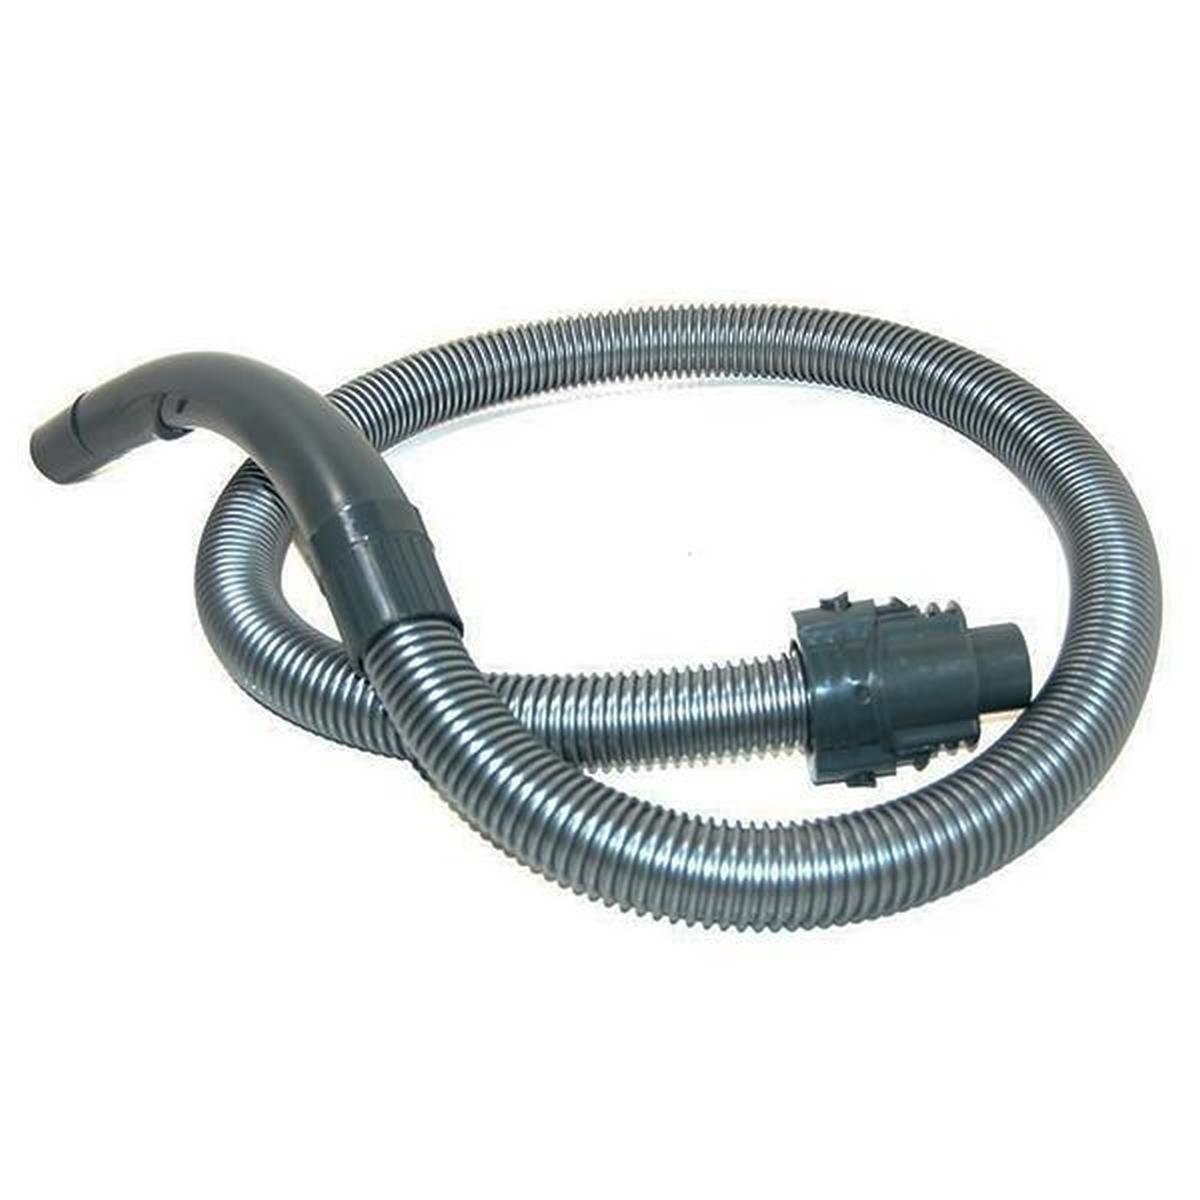 D122 Flexible complet (avec poigné e) - Aspirateur - HOOVER